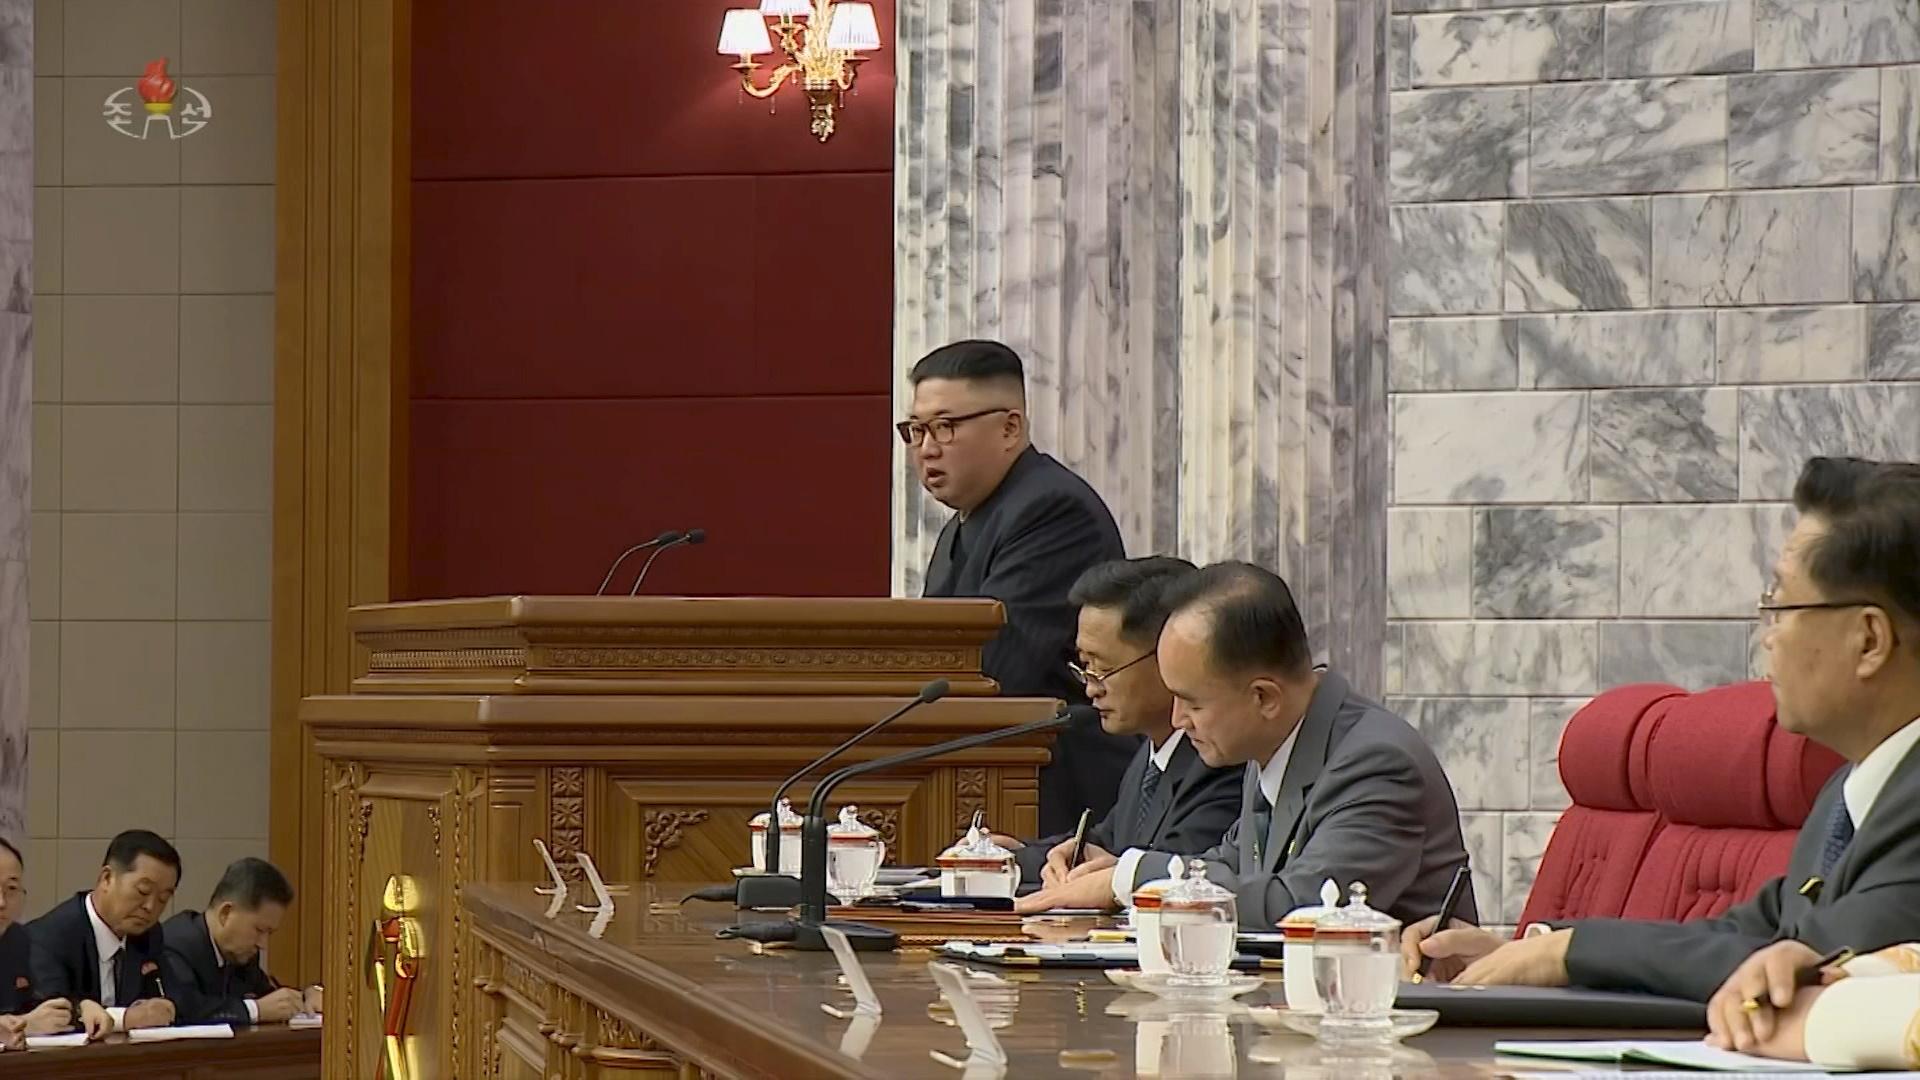 الأمم المتحدة: لا معلومات لدينا عن أي حادث خطير متعلق بكوفيد في كوريا الشمالية